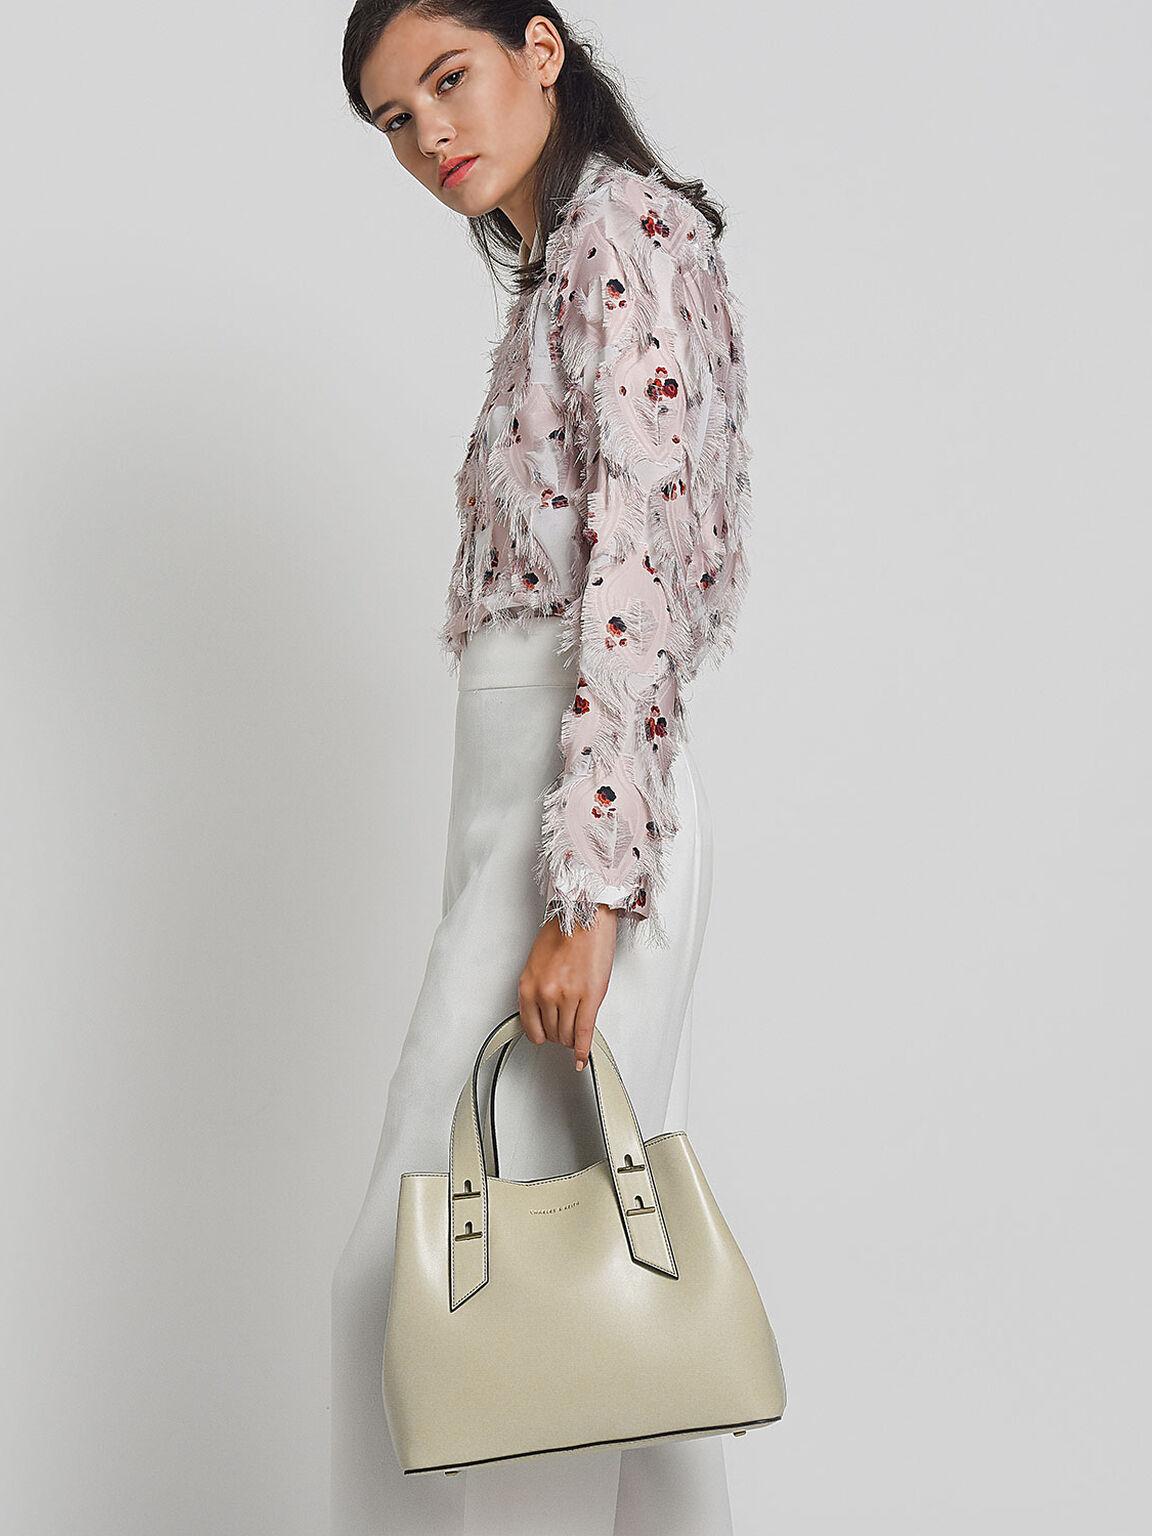 Embellished Slouchy Handbag, Ivory, hi-res